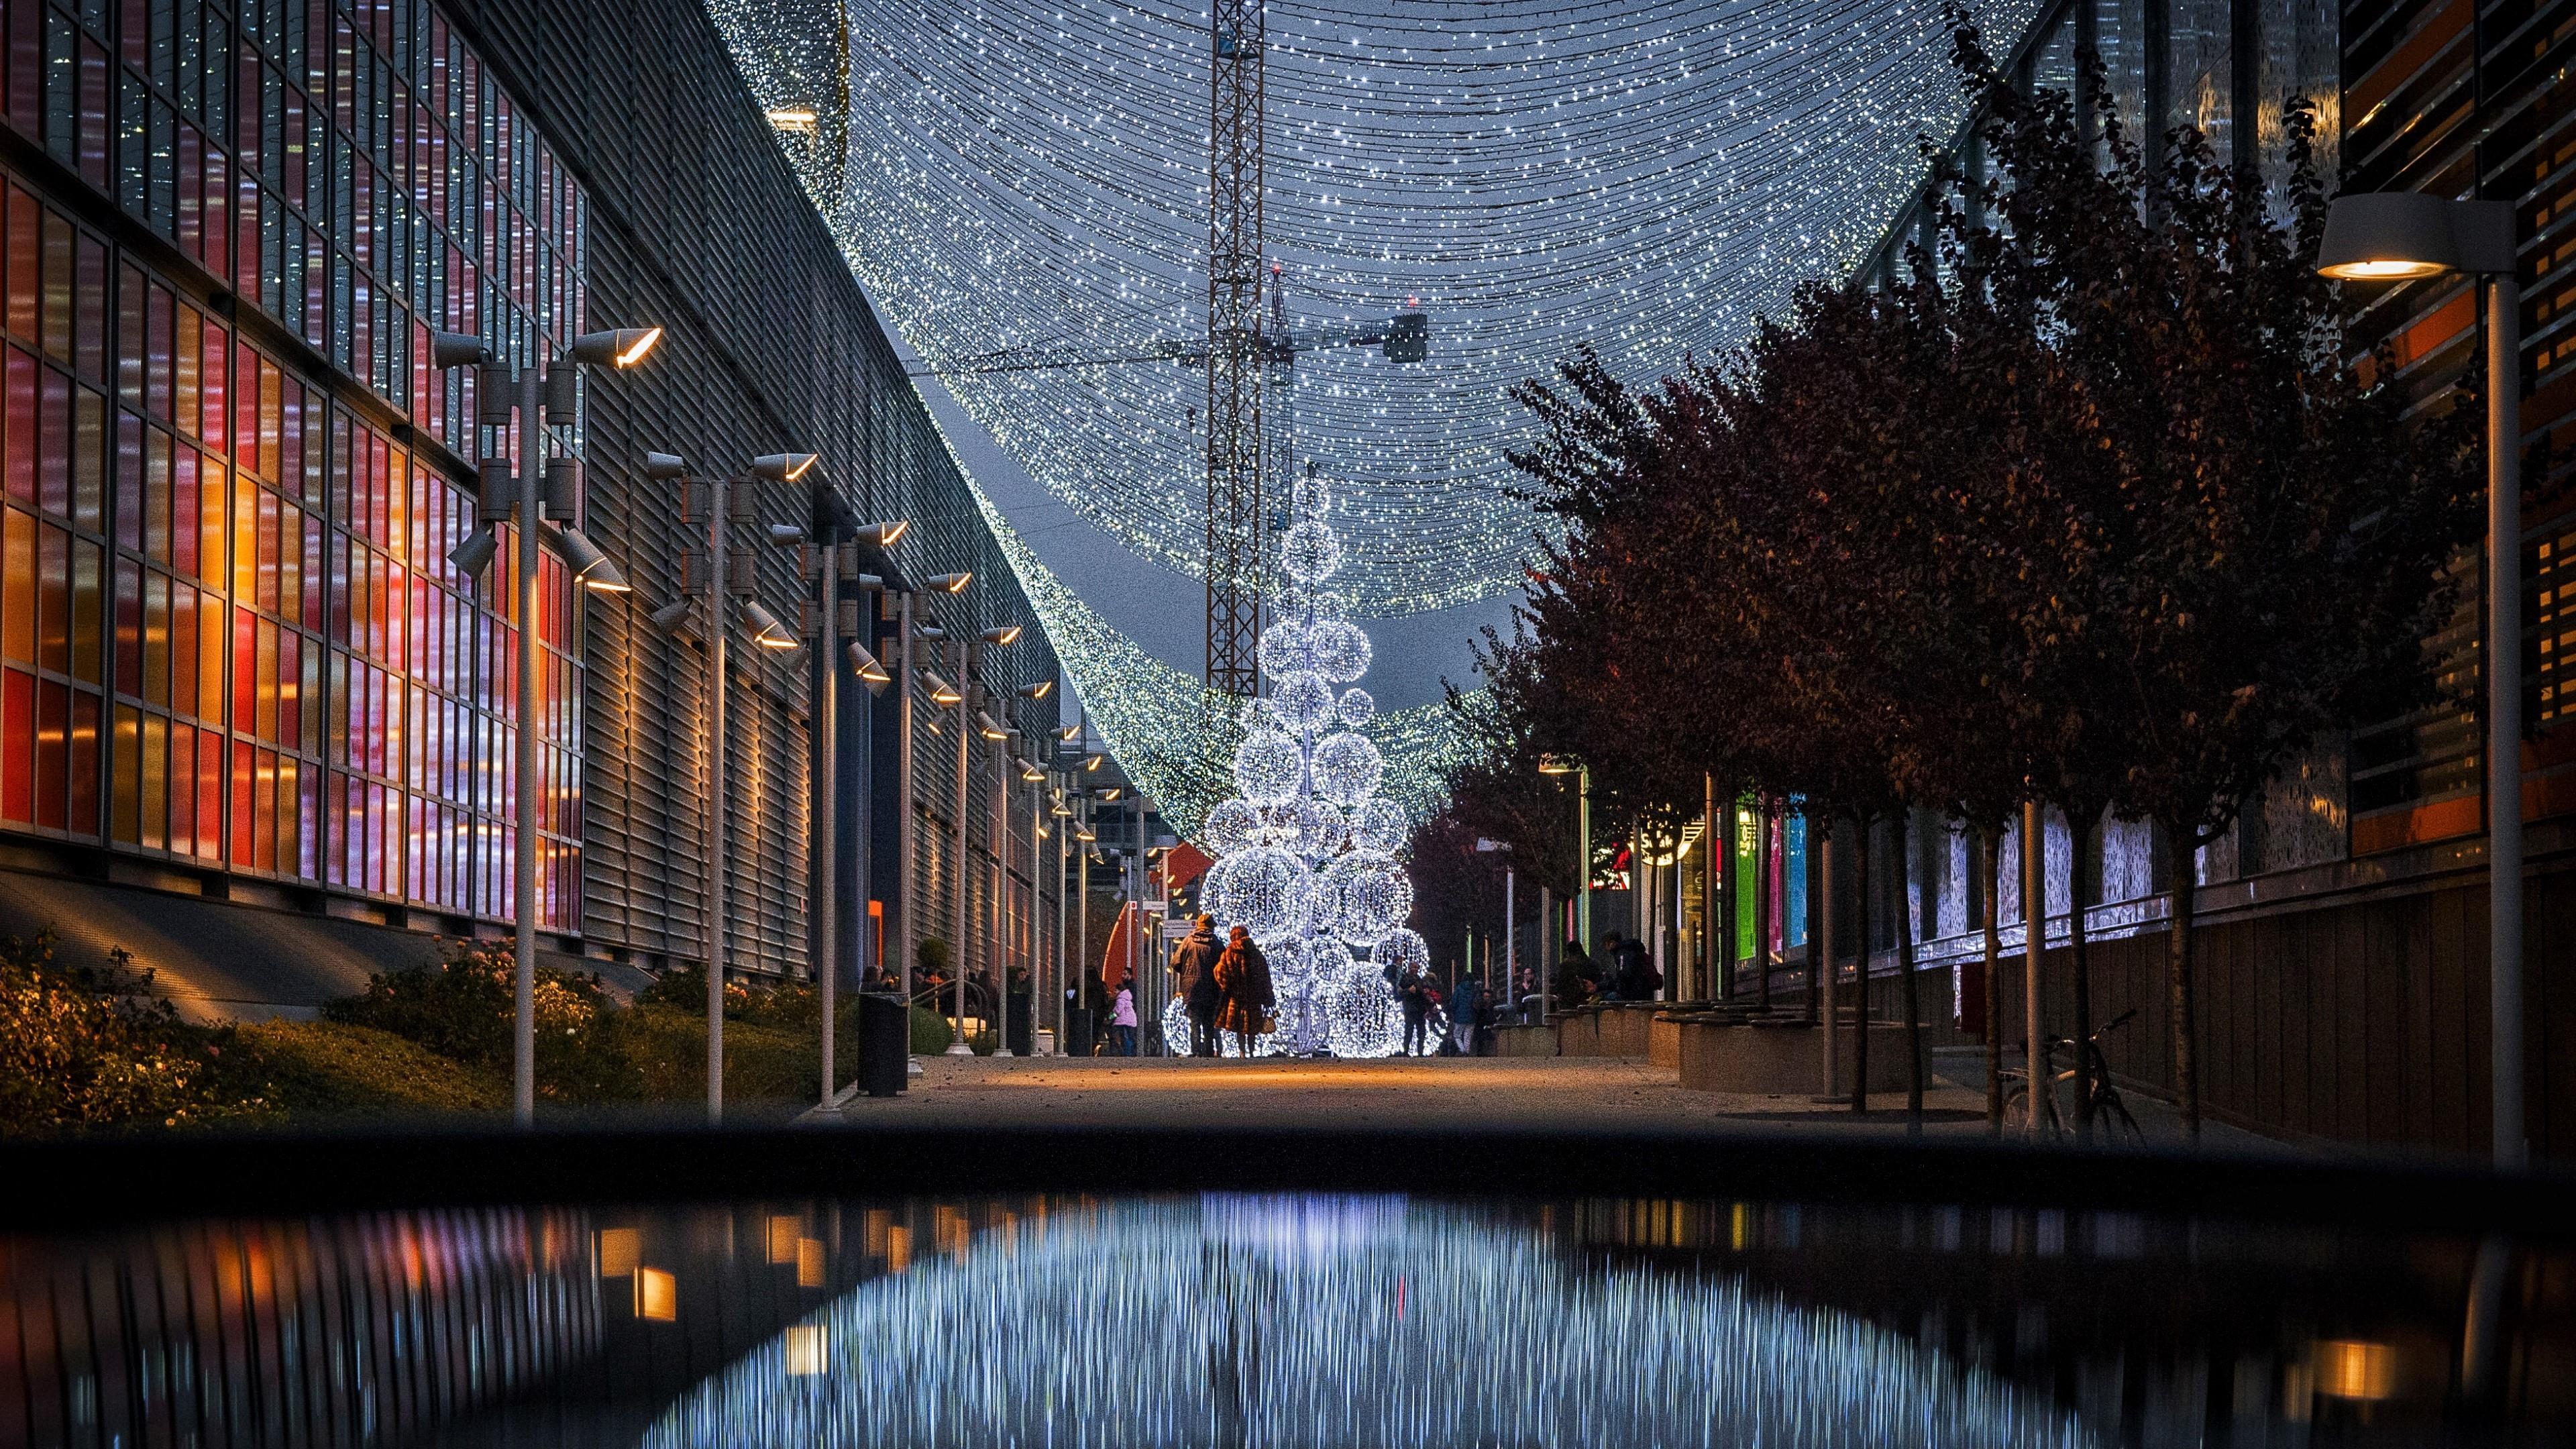 Christmas City Studio.Christmas City Wallpapers Top Free Christmas City